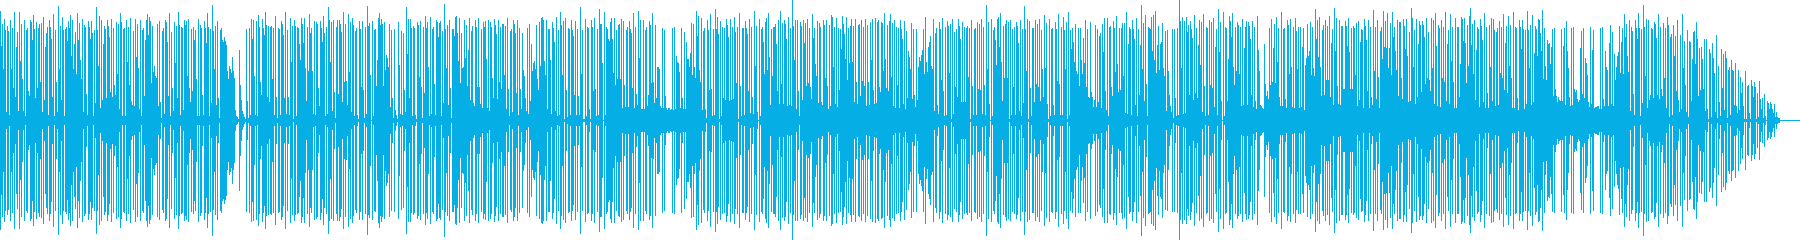 トラップ ヒップホップ レトロ エ...の再生済みの波形